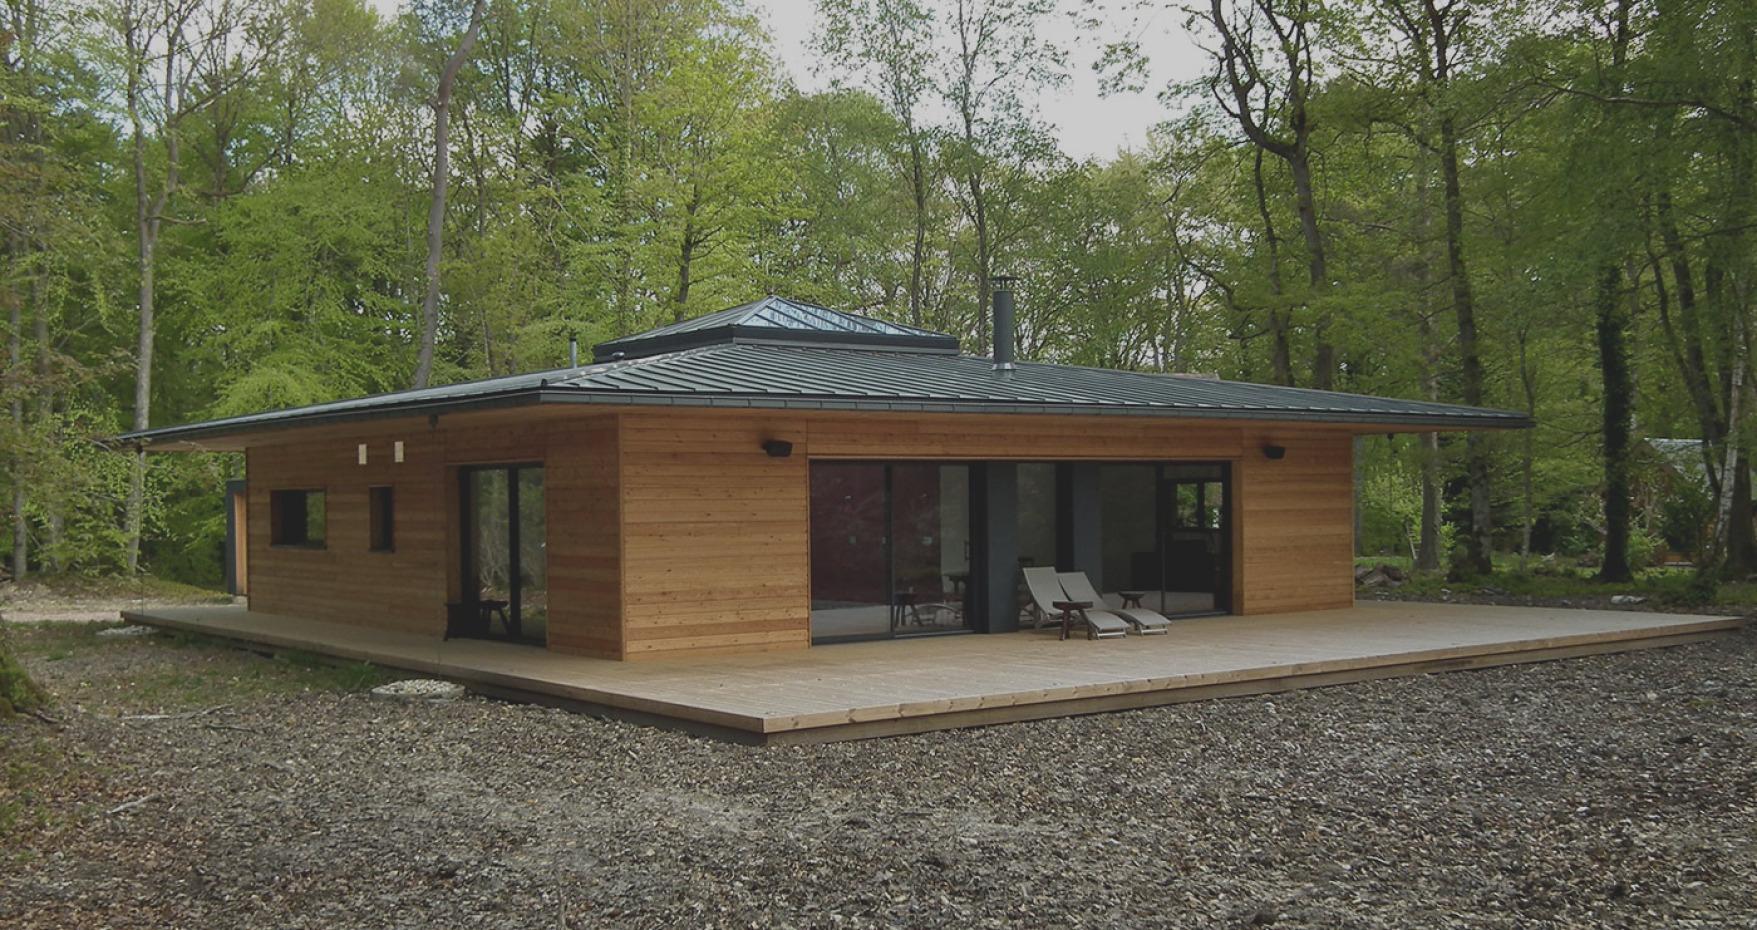 Maison En Bois En Kit 70M2 - Le Meilleur Des Maisons Bois En ... encequiconcerne Bungalow Bois En Kit